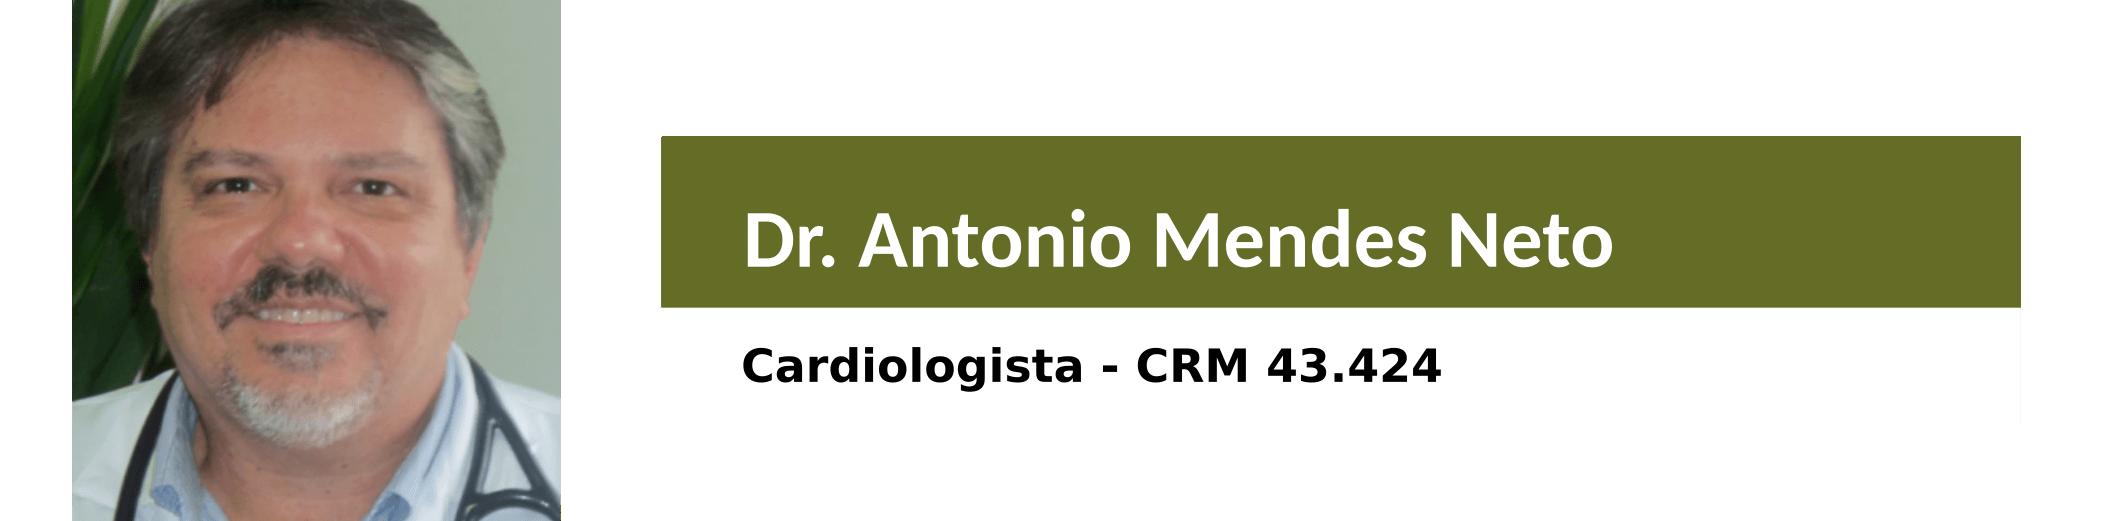 especialista dr antonio mendes neto 080419